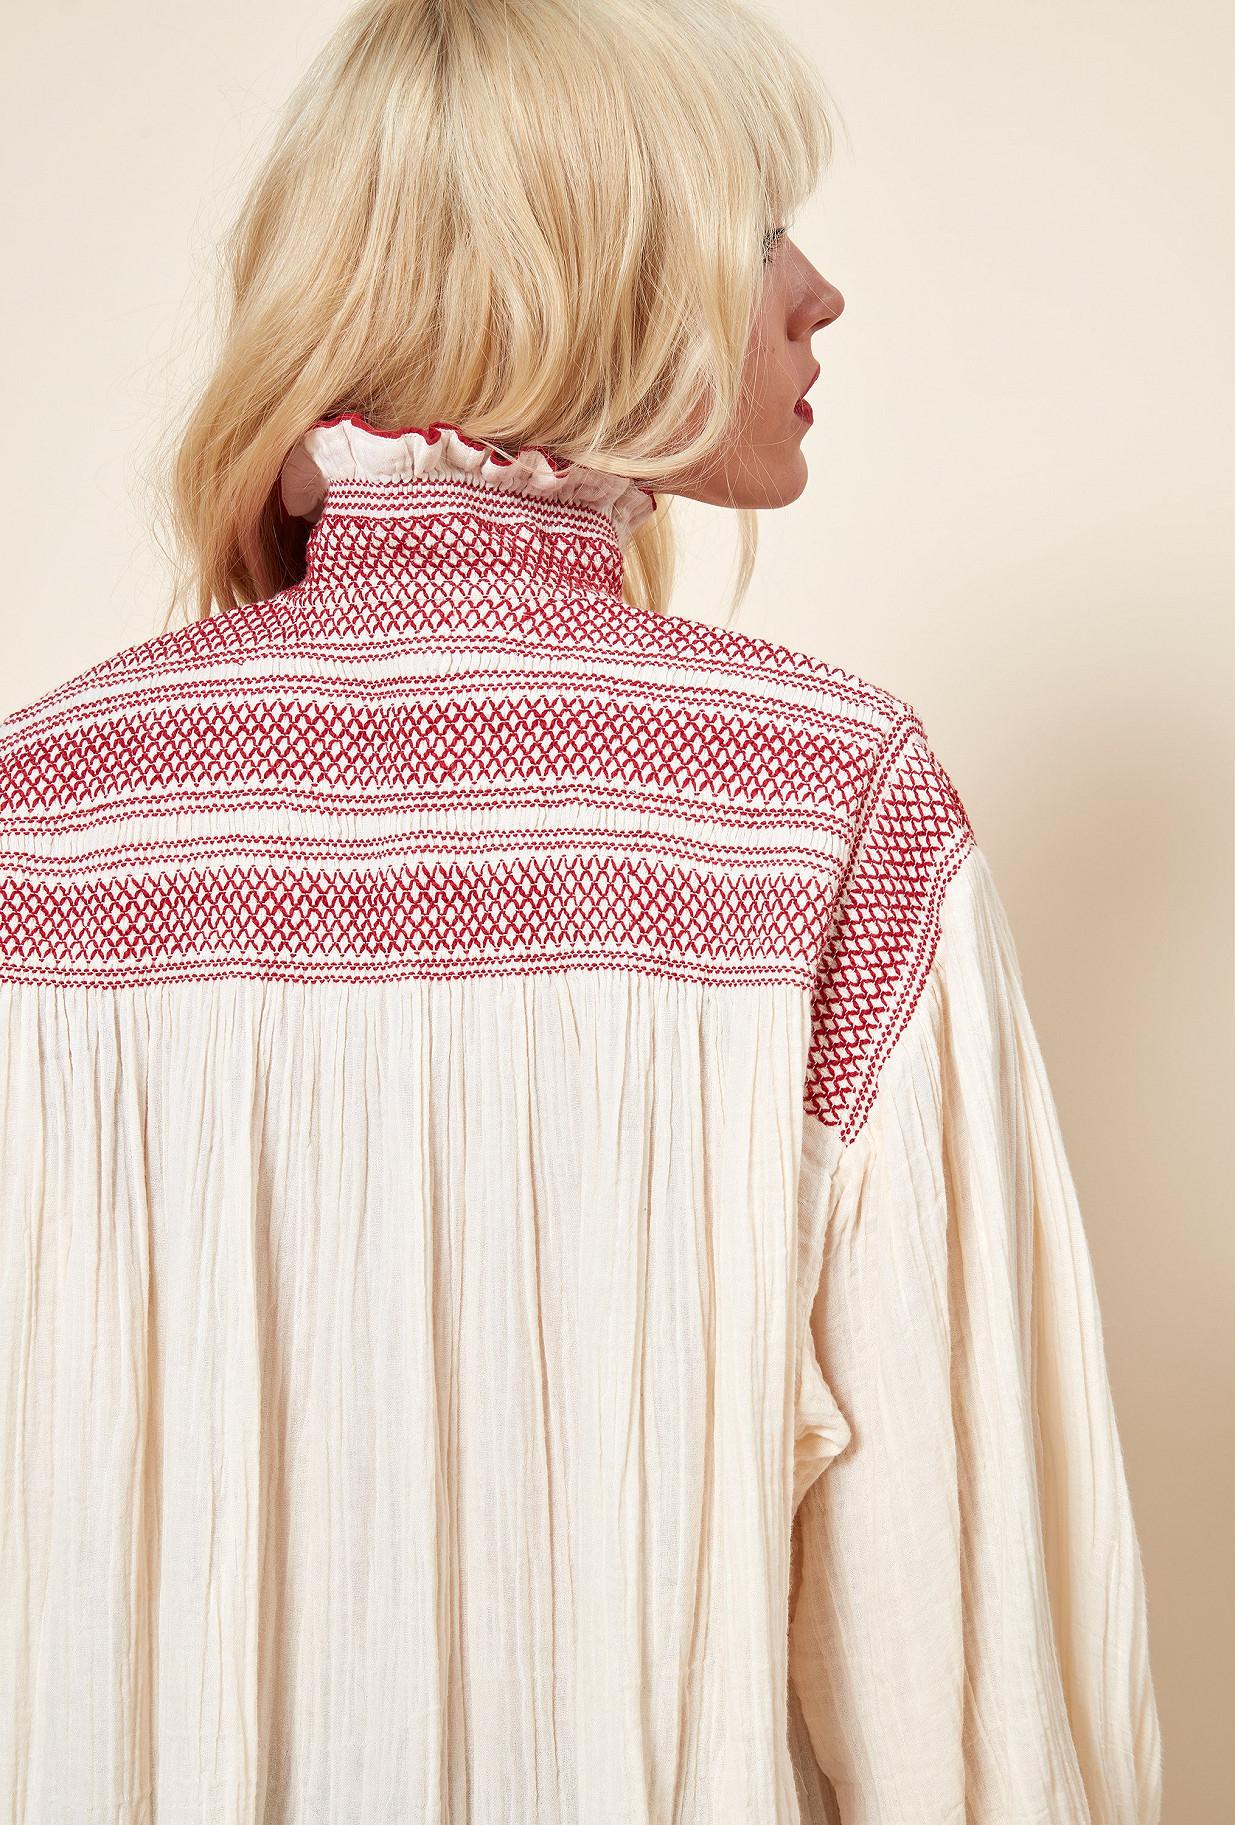 Ecru  Blouse  Tartuffe Mes demoiselles fashion clothes designer Paris